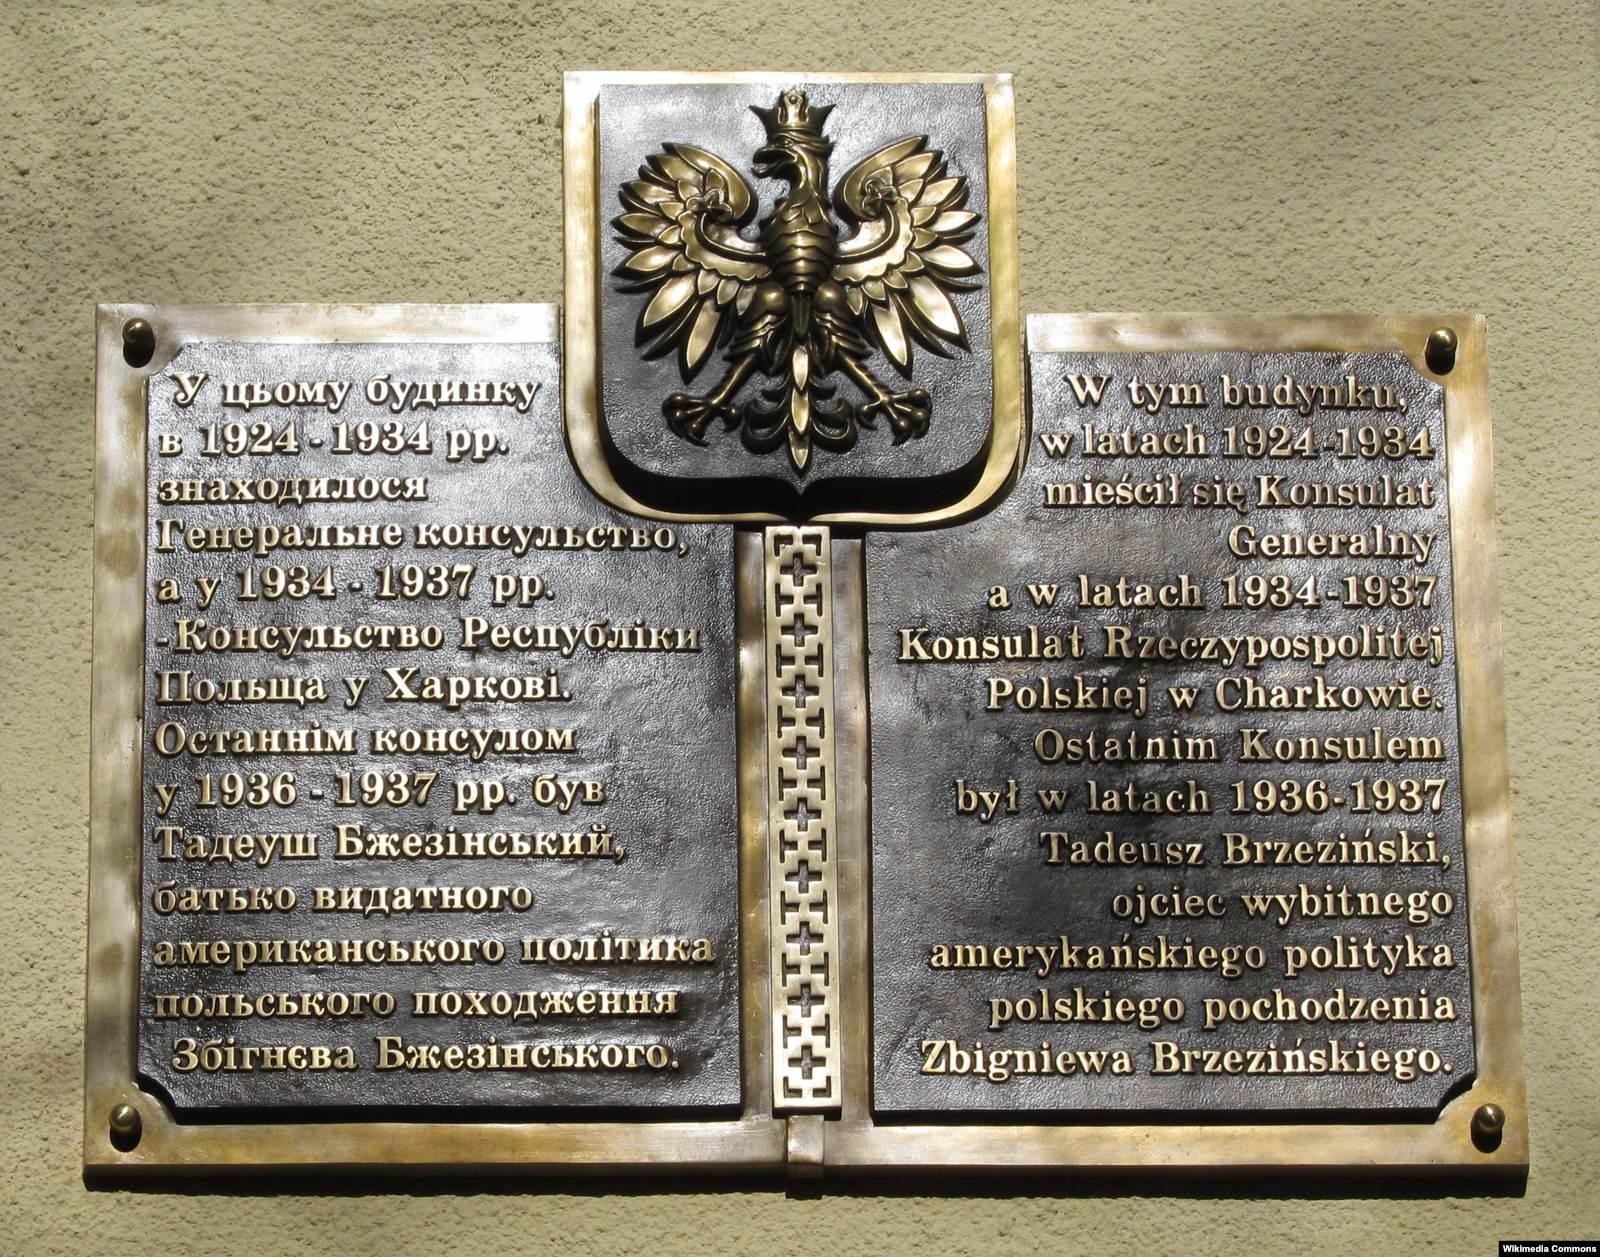 Мемориальная доска на здании бывшего польского консульства в Харькове. Консулом тогда был Тадеуш Бжезинский — отец Збигнева Бжезинского. Есть даже версия, что будущий знаменитый политолог родился в здании консульства (официально — в Варшаве).